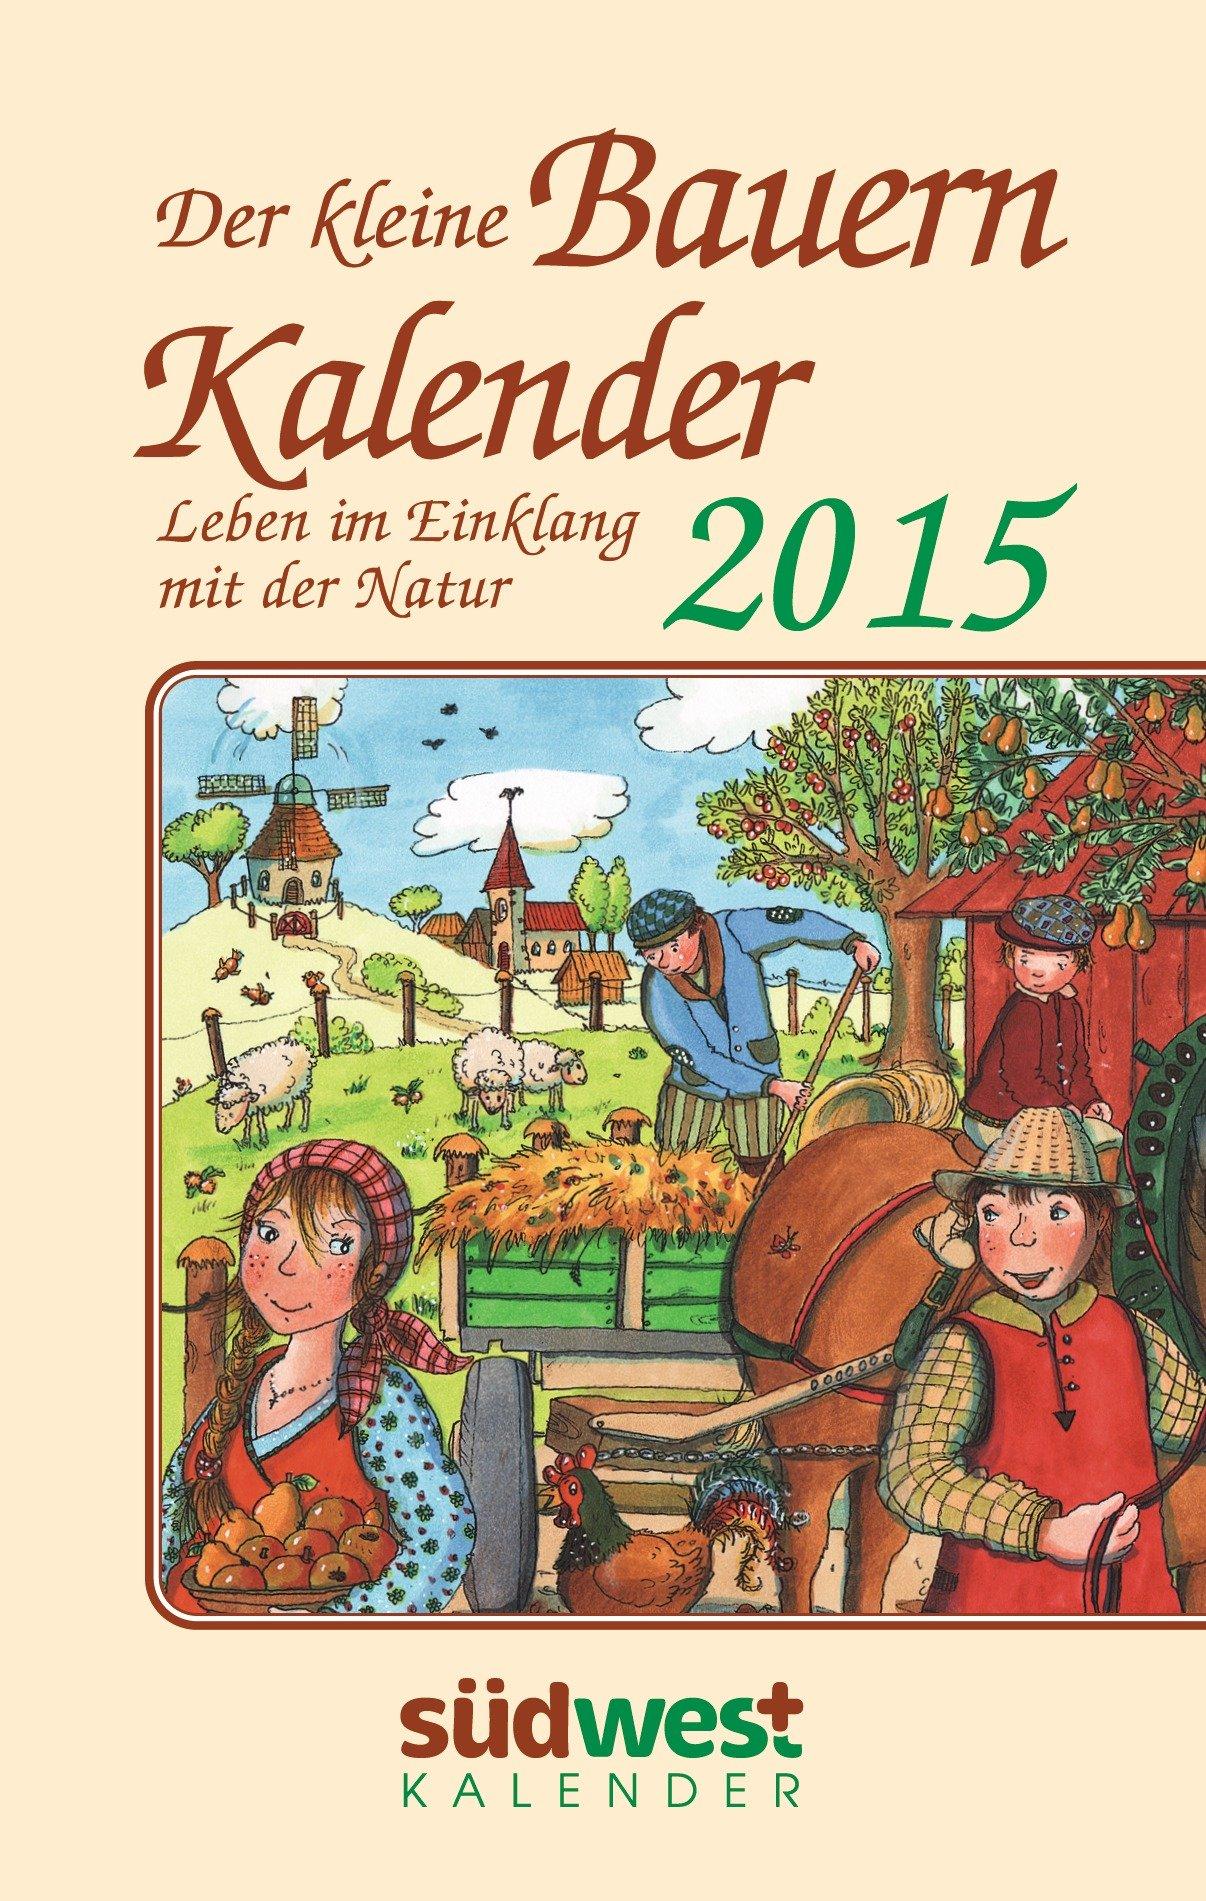 Der kleine Bauernkalender 2015 Taschenkalender: Leben im Einklang mit der Natur